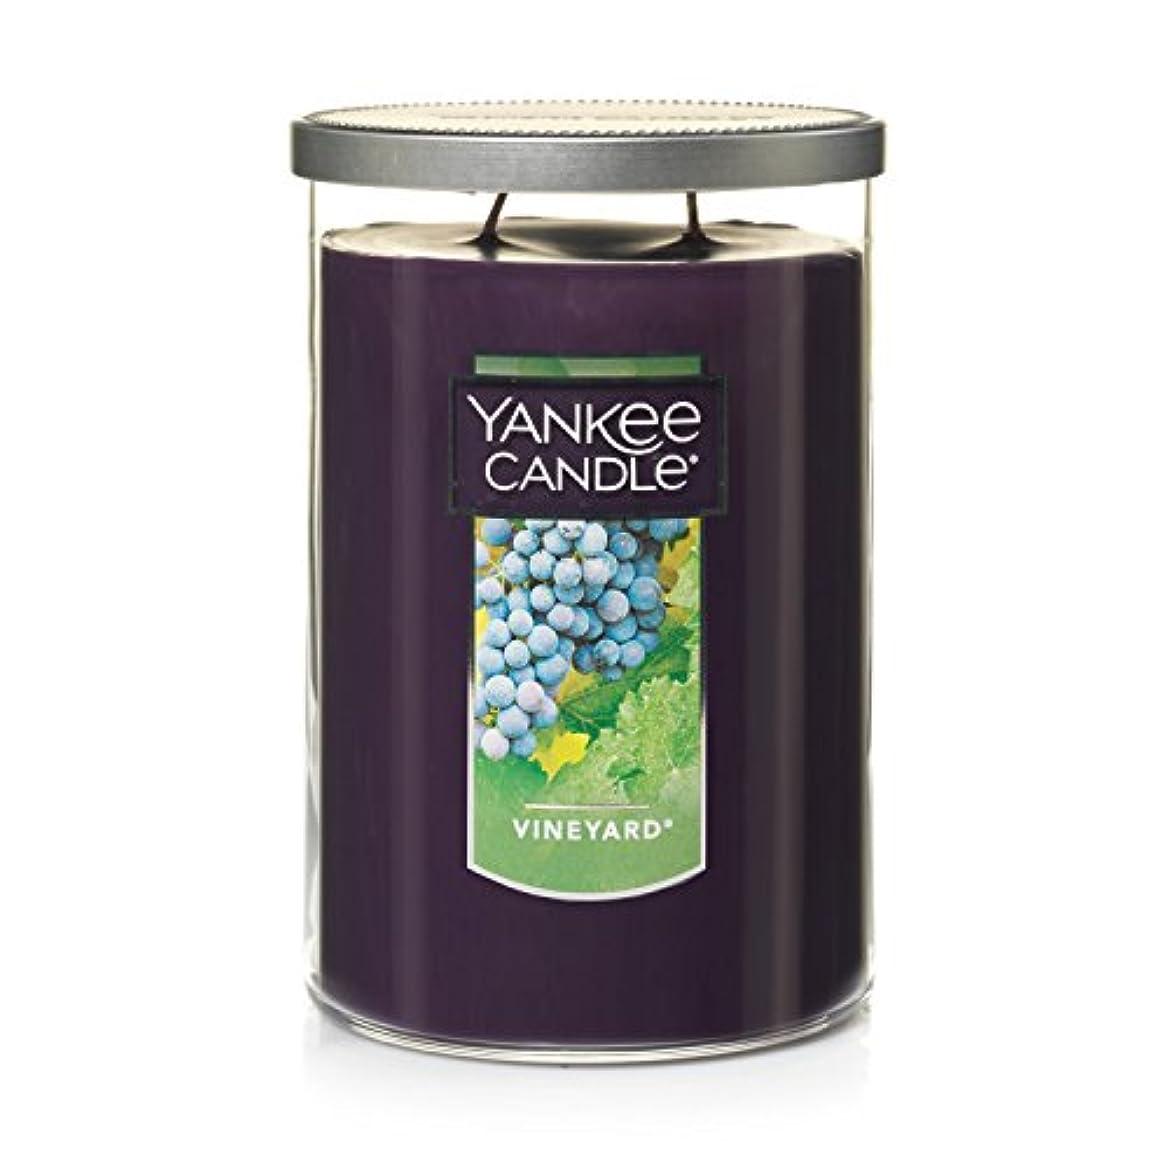 バッジカストディアンを必要としていますYankee Candle Vineyard、フルーツ香り Large Tumbler Candles パープル 1184177Z